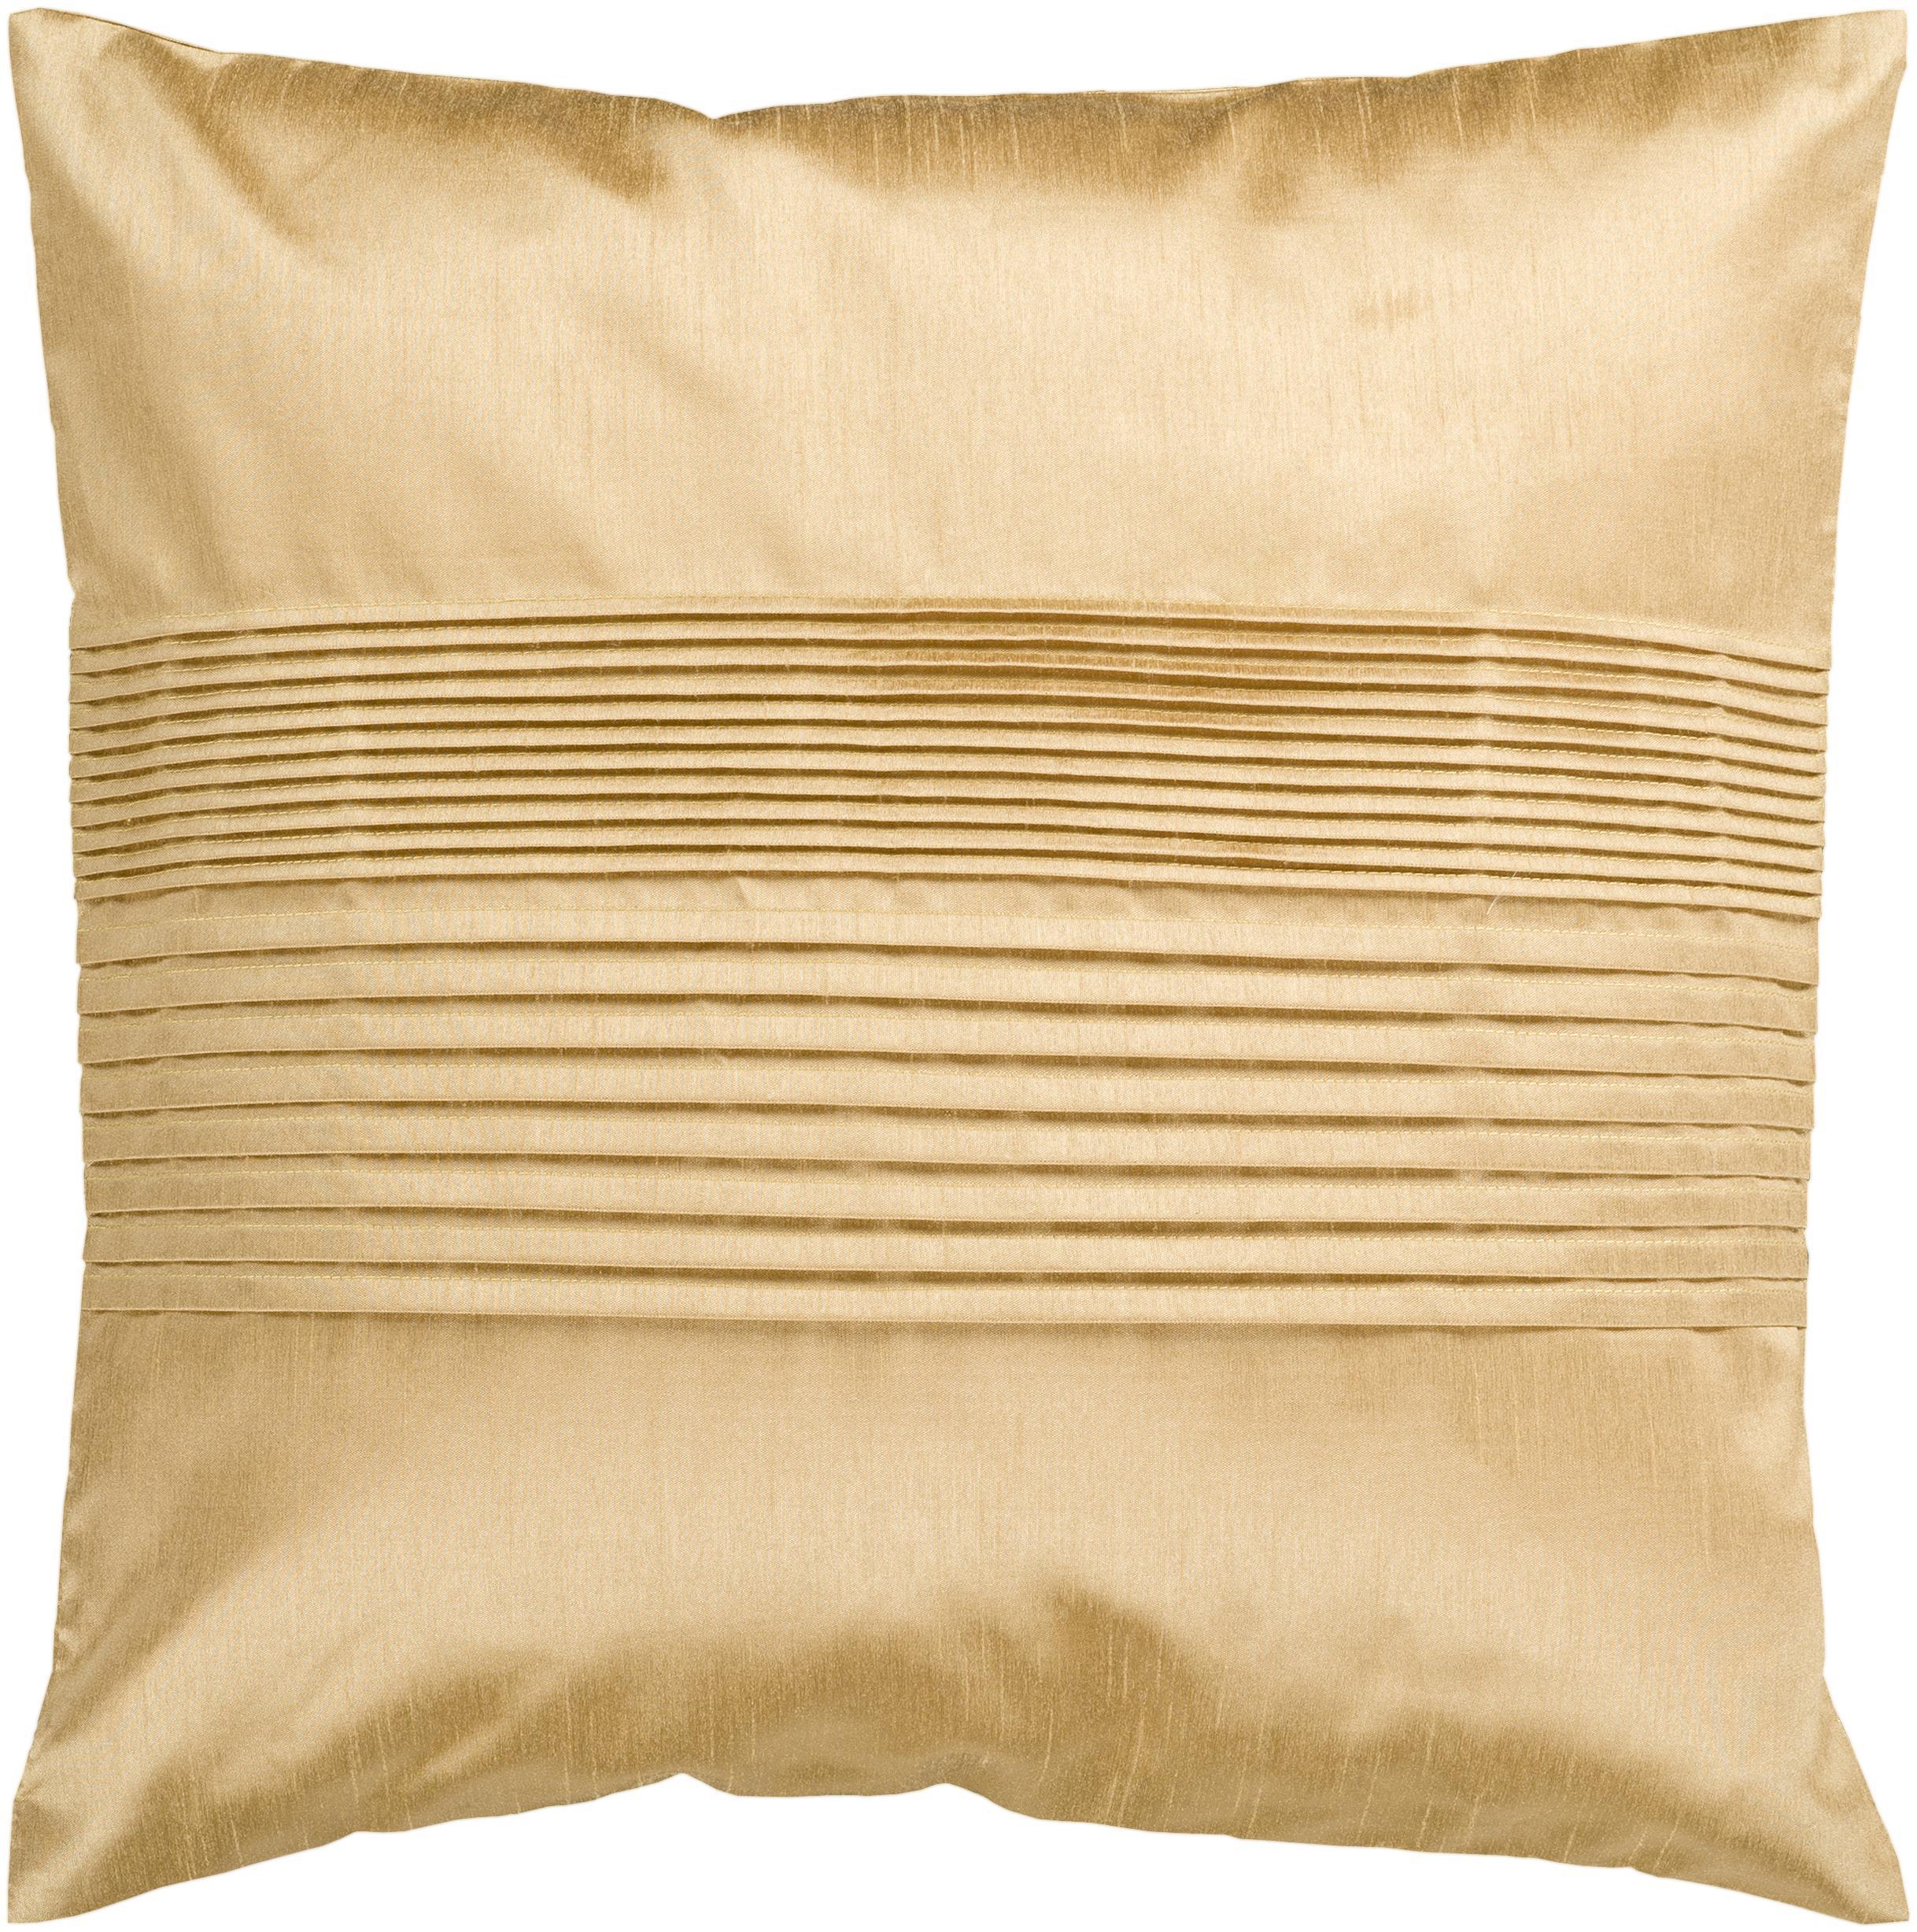 """Surya Pillows 18"""" x 18"""" Pillow - Item Number: HH022-1818P"""